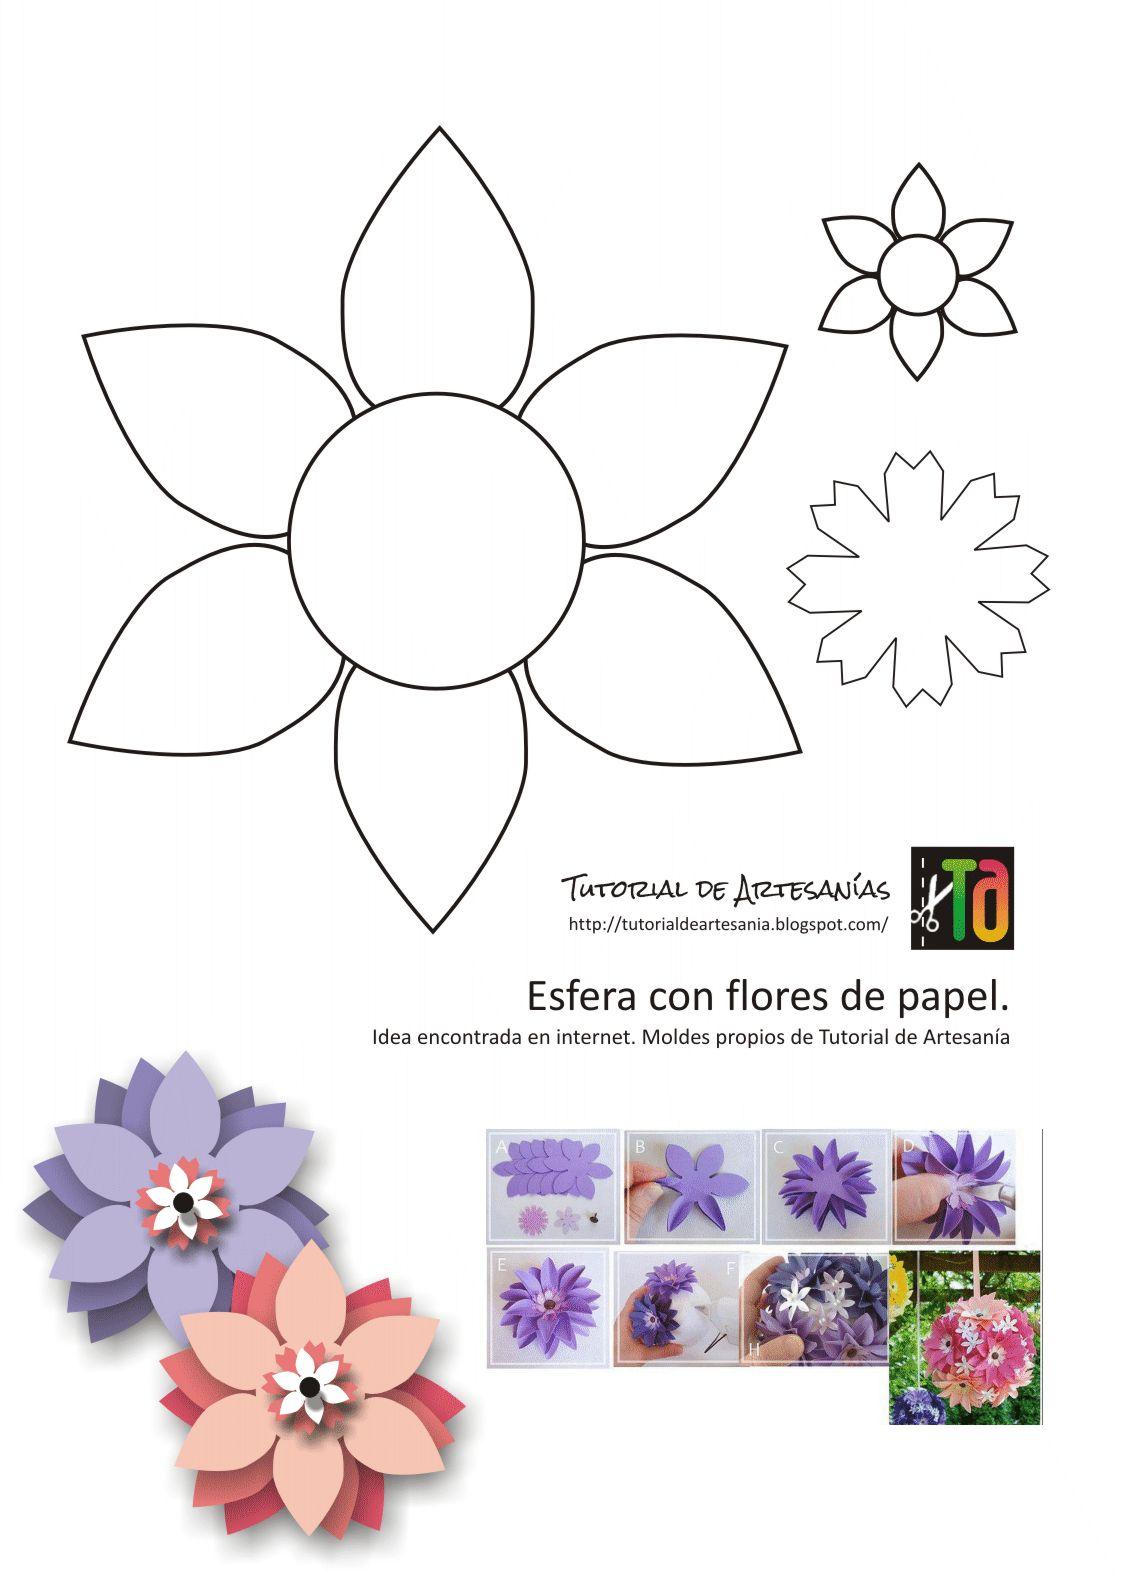 Tutorial De Artesanías Esferas De Flores